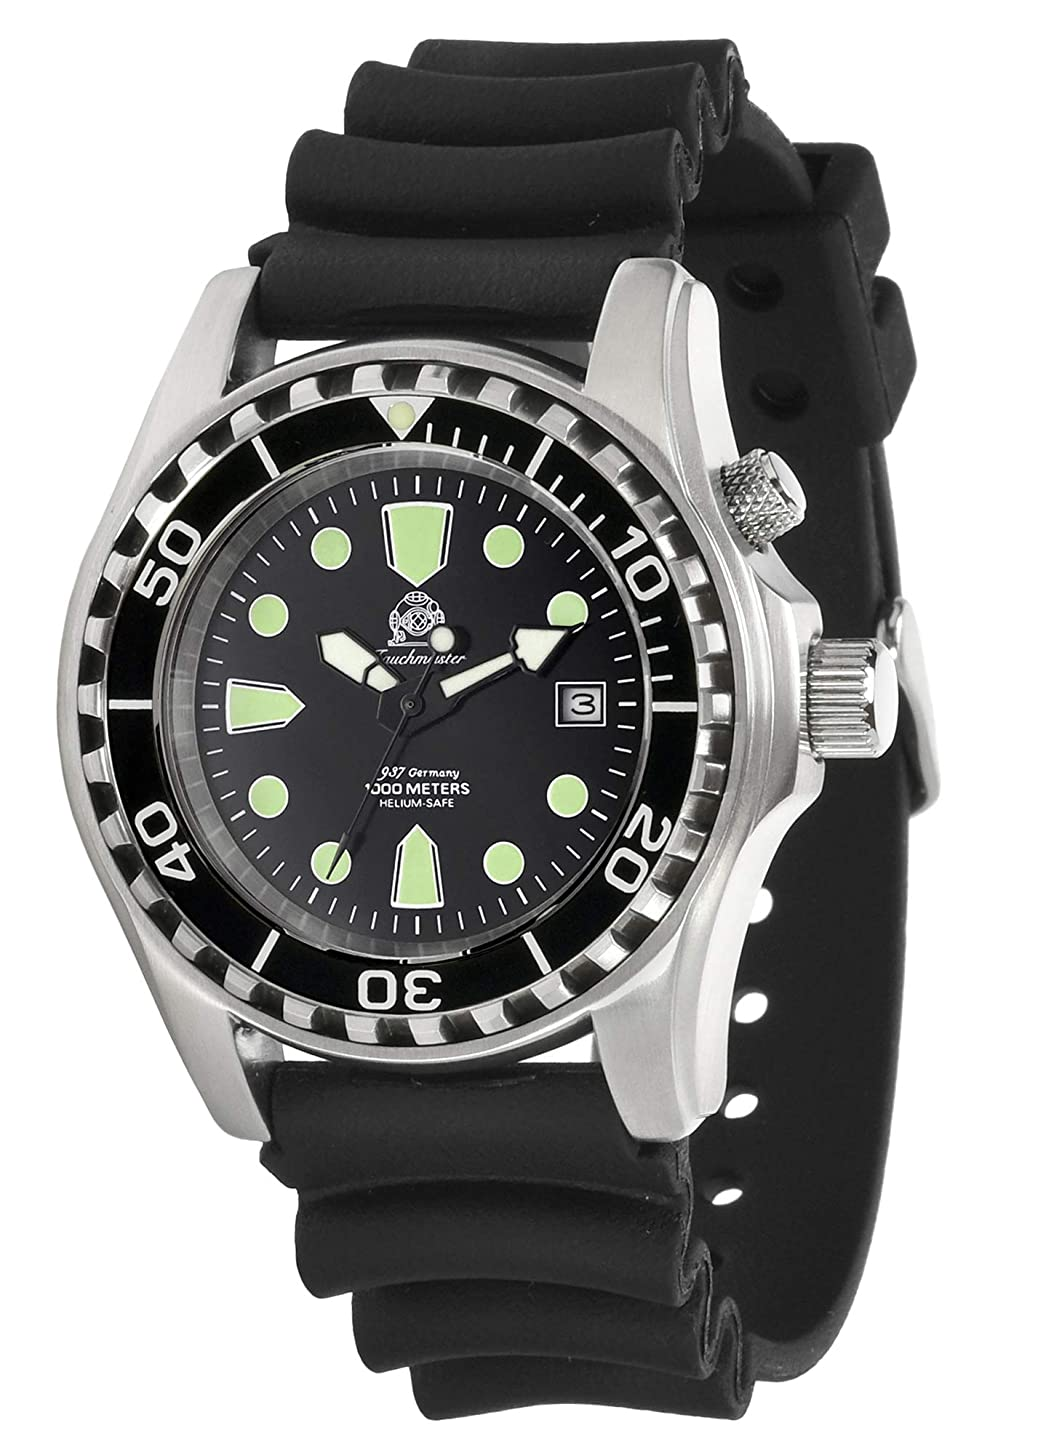 浅い科学的初期のトーチマイスター1937 腕時計 100ATM 自動巻 ダイバー ヘリウムリリースバルブ T0257 並行輸入品